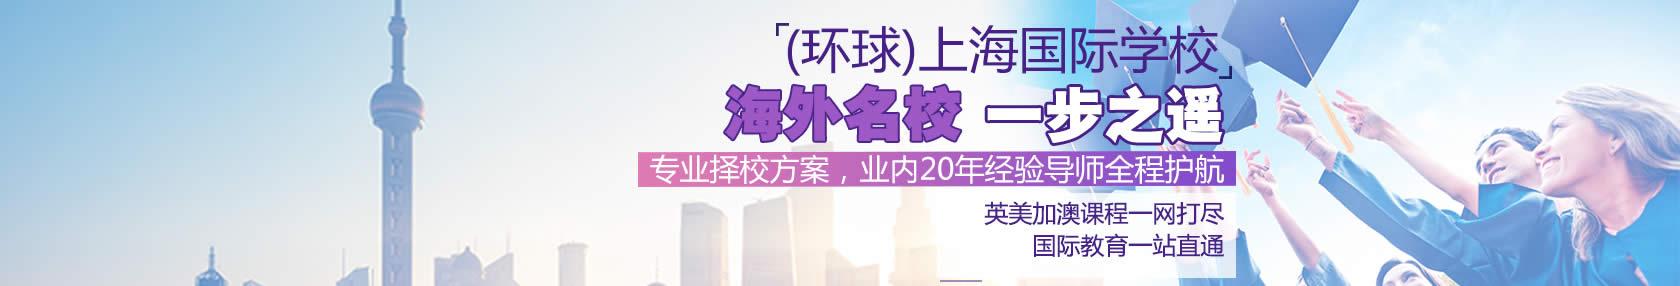 【上海国际学校】海外名校一步之遥